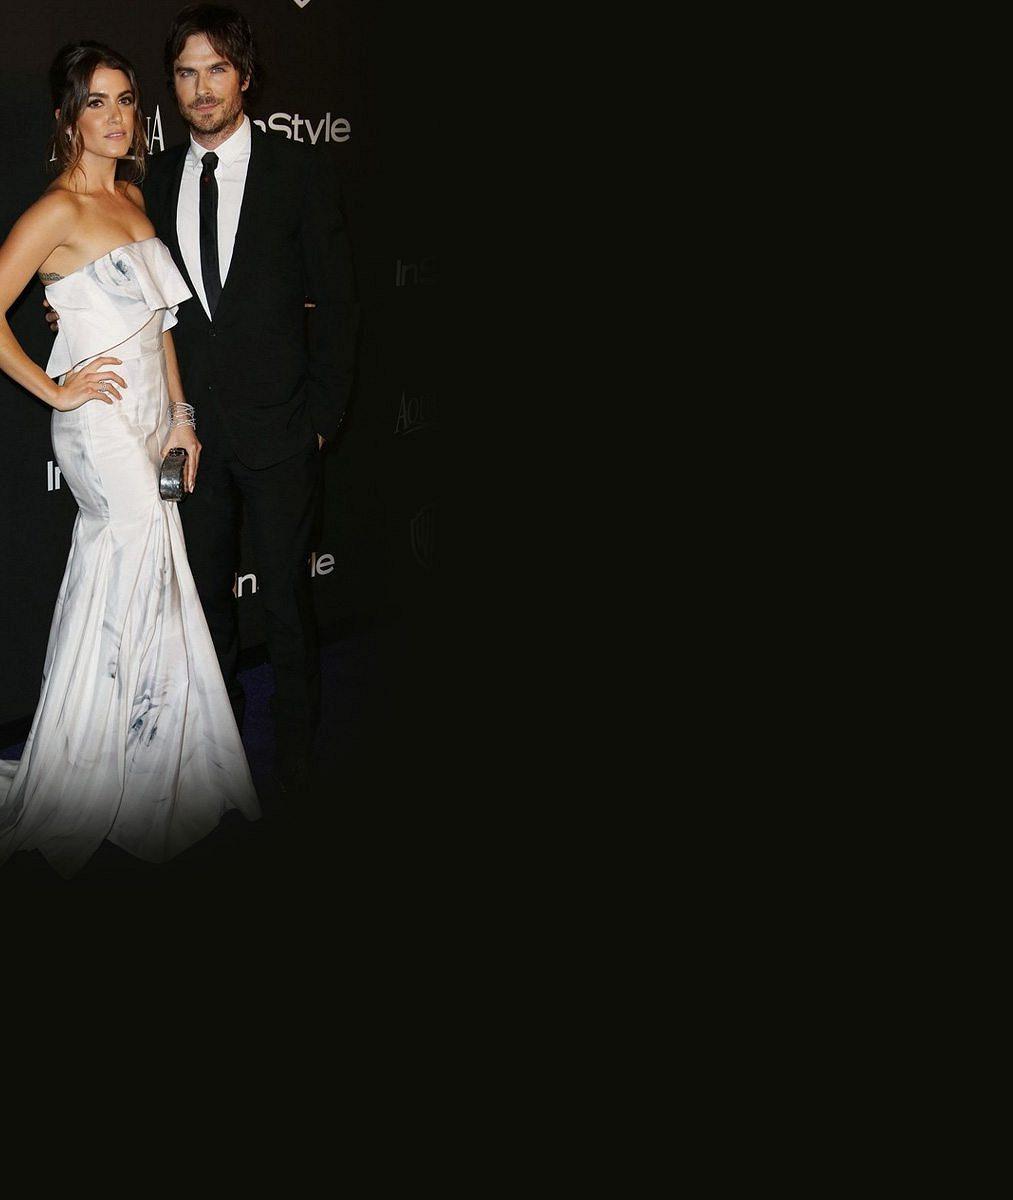 Herečka z Twilight se provdala: Manžela z Upířích deníků zná jen pár měsíců